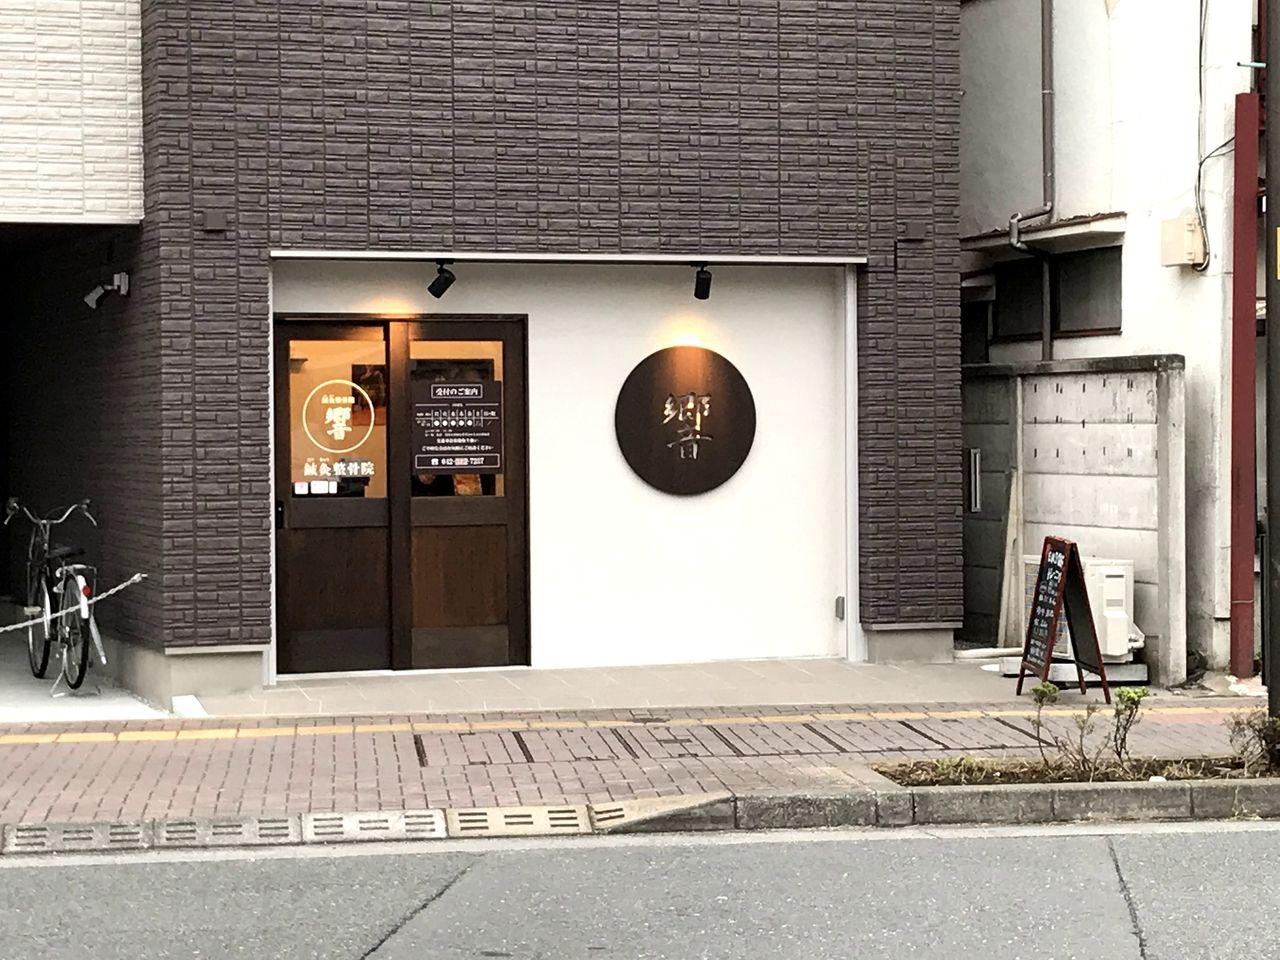 柴崎町に鍼灸整骨院「響(ひびき)」がオープンしてる!